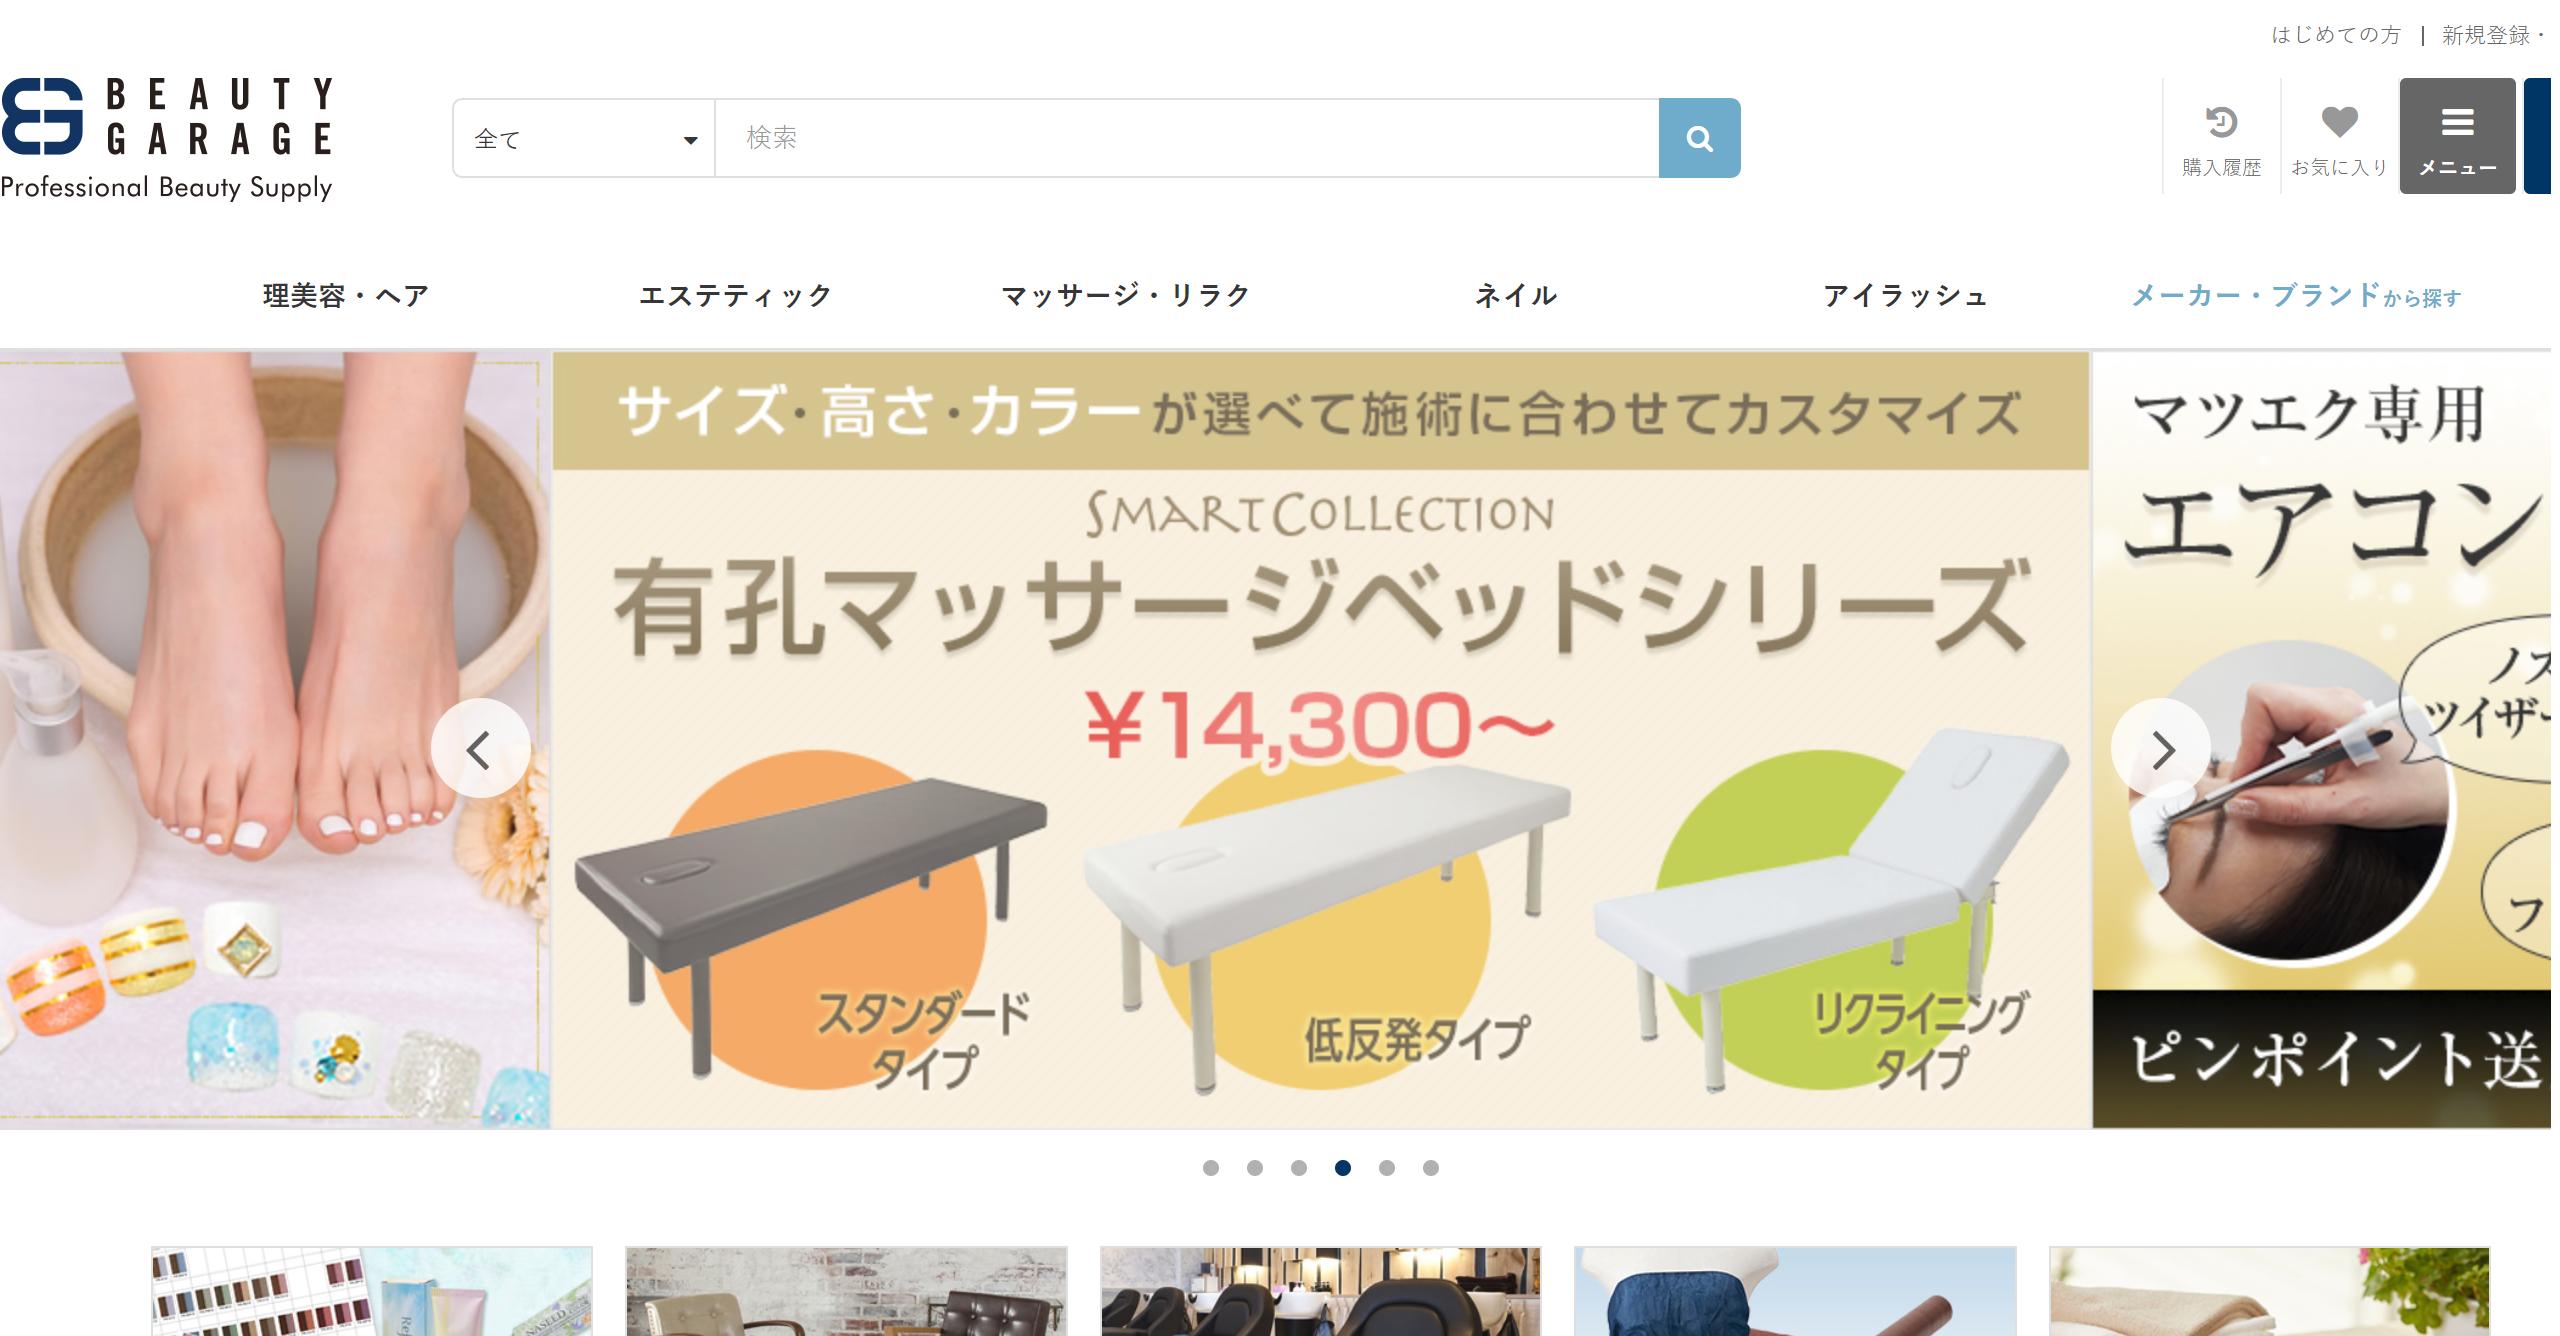 株式会社ビューティガレージ通販卸サイト